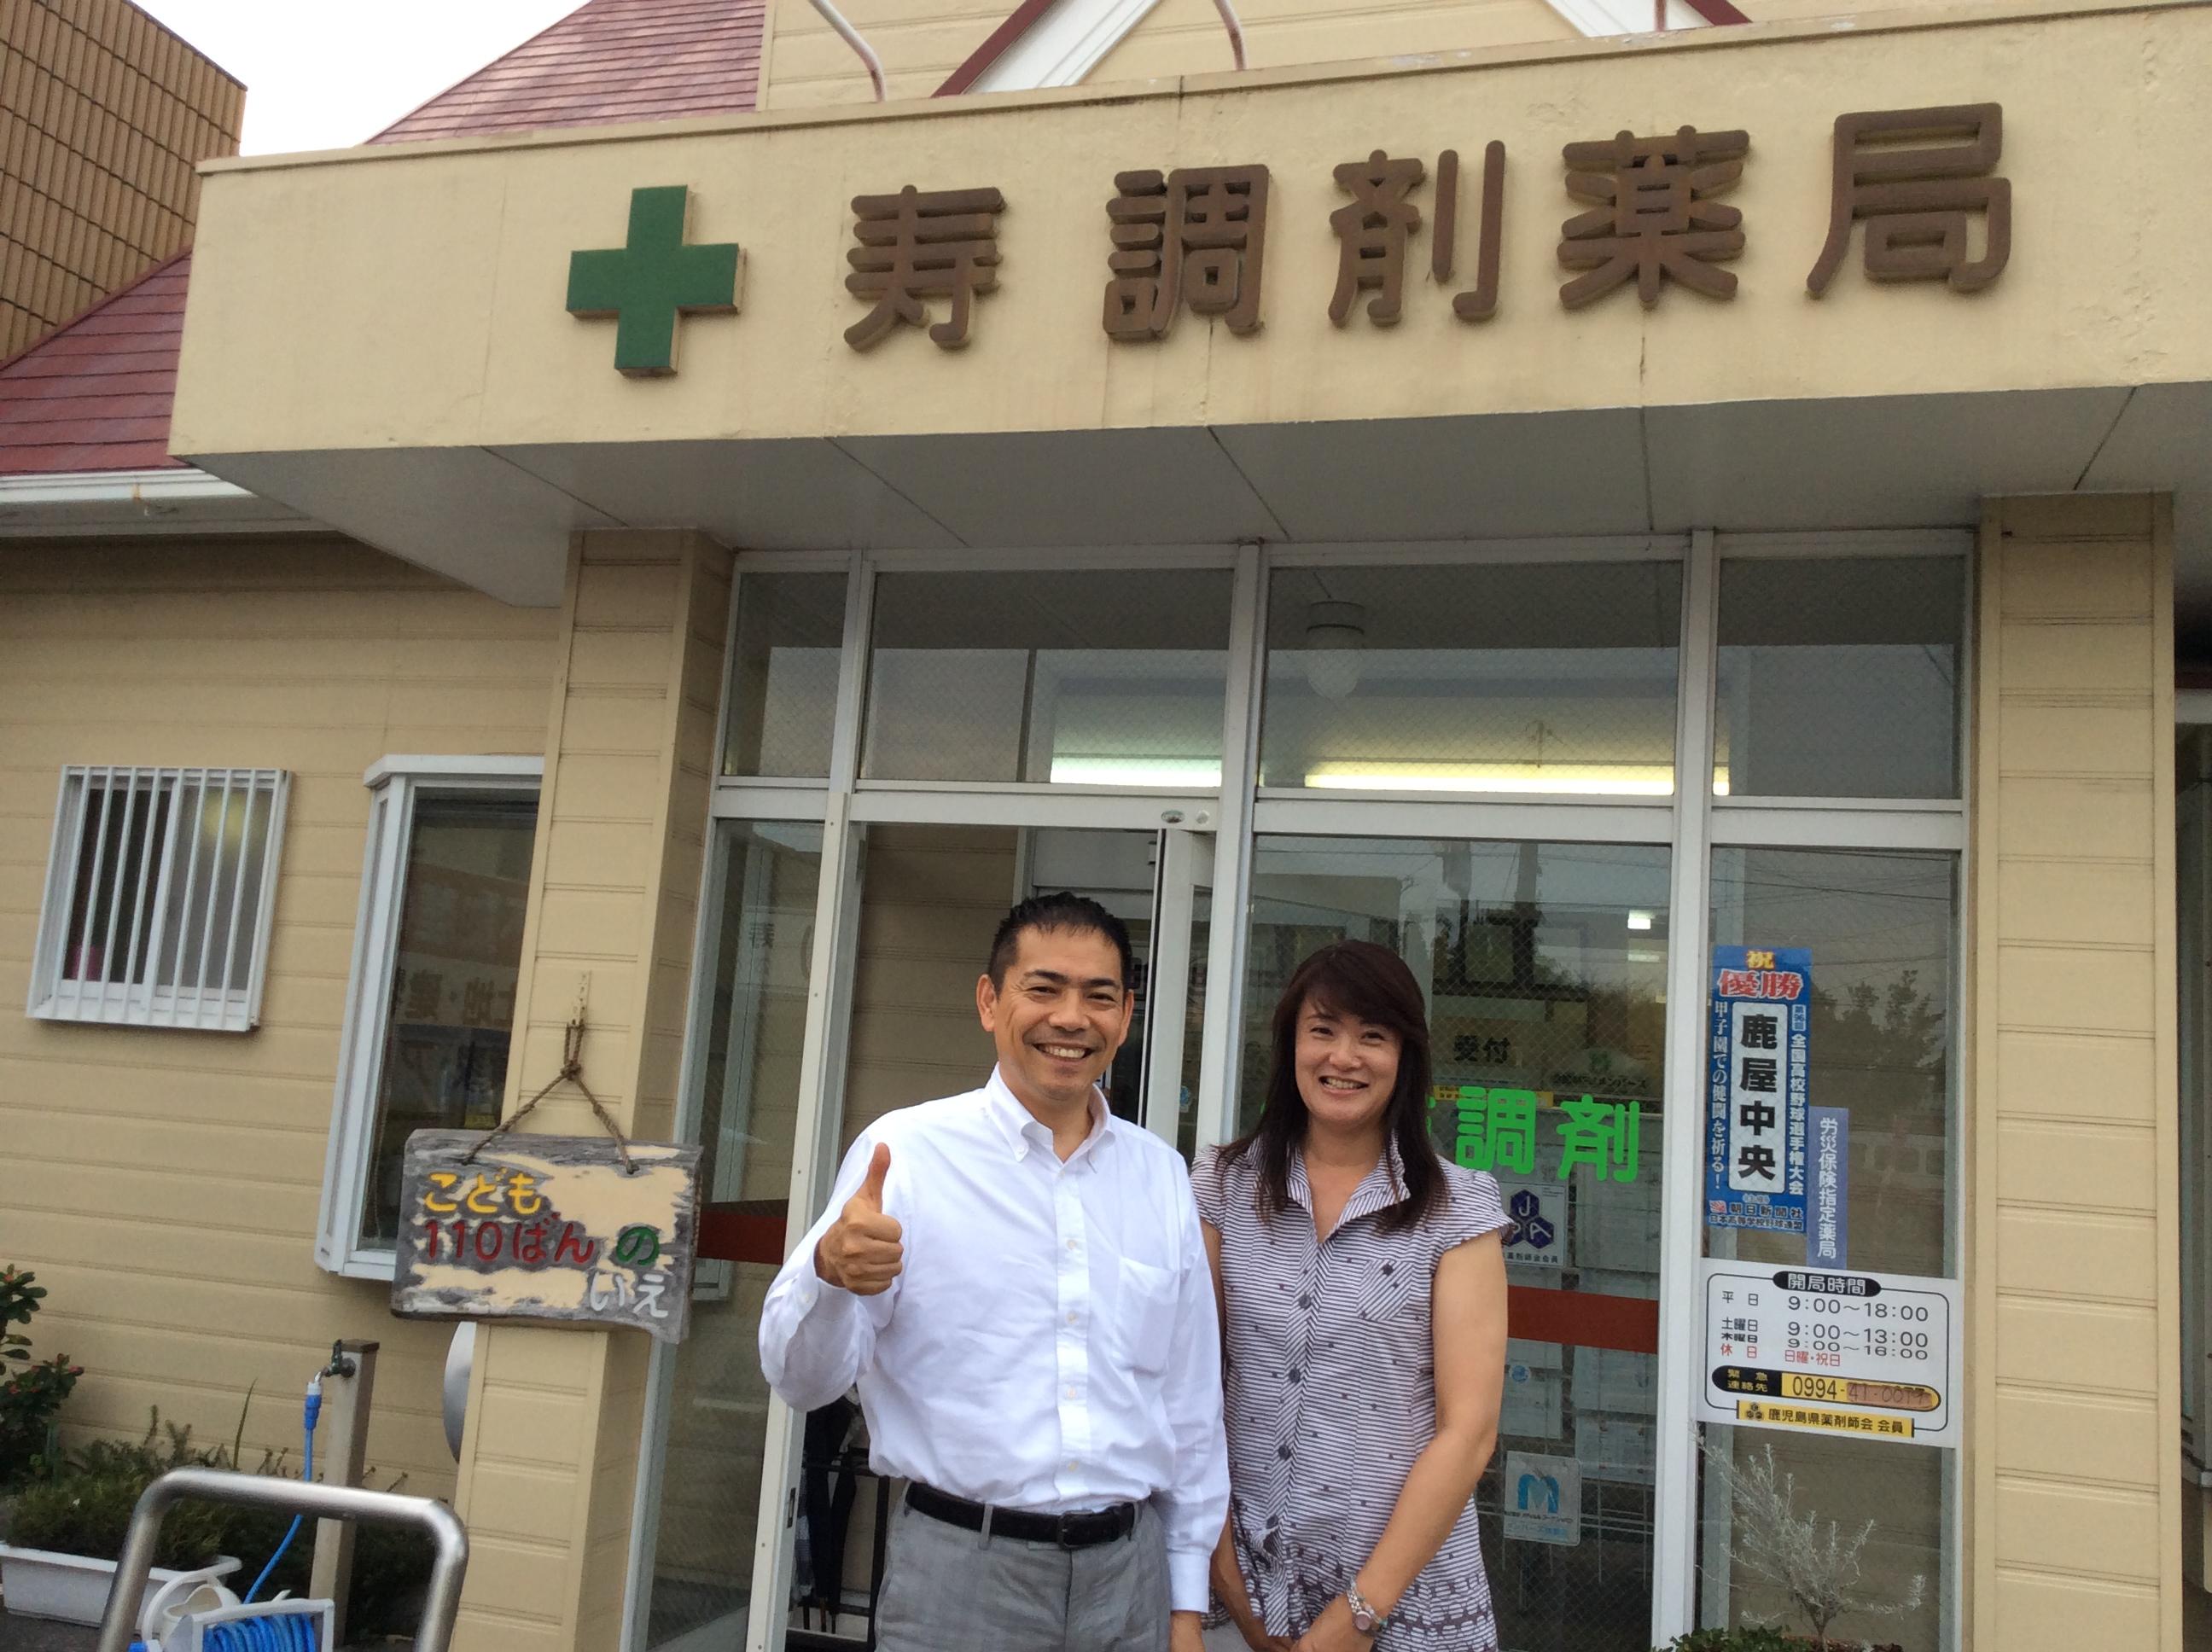 鹿児島へ企業訪問へ行ってきました(パート3)